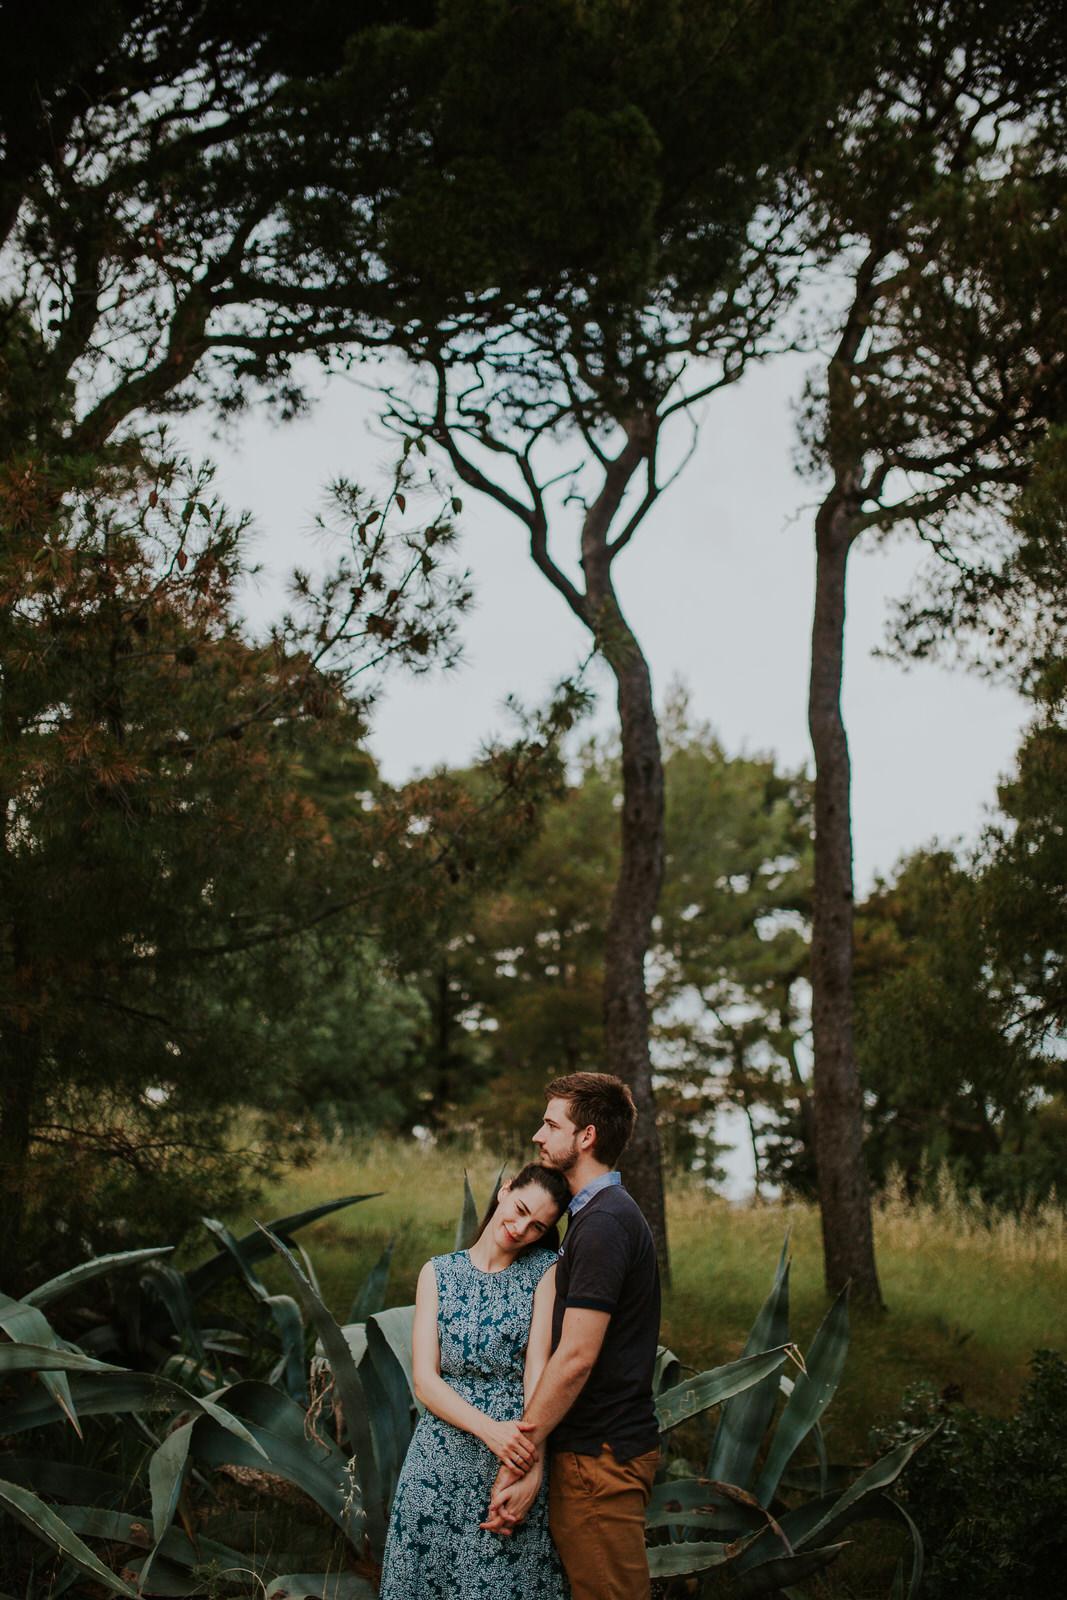 Kako izgleda život profesionalne fotografkinje vjenčanja INTERVJU - Dalibora Bijelić fotograf uhvatiti pravi trenutak